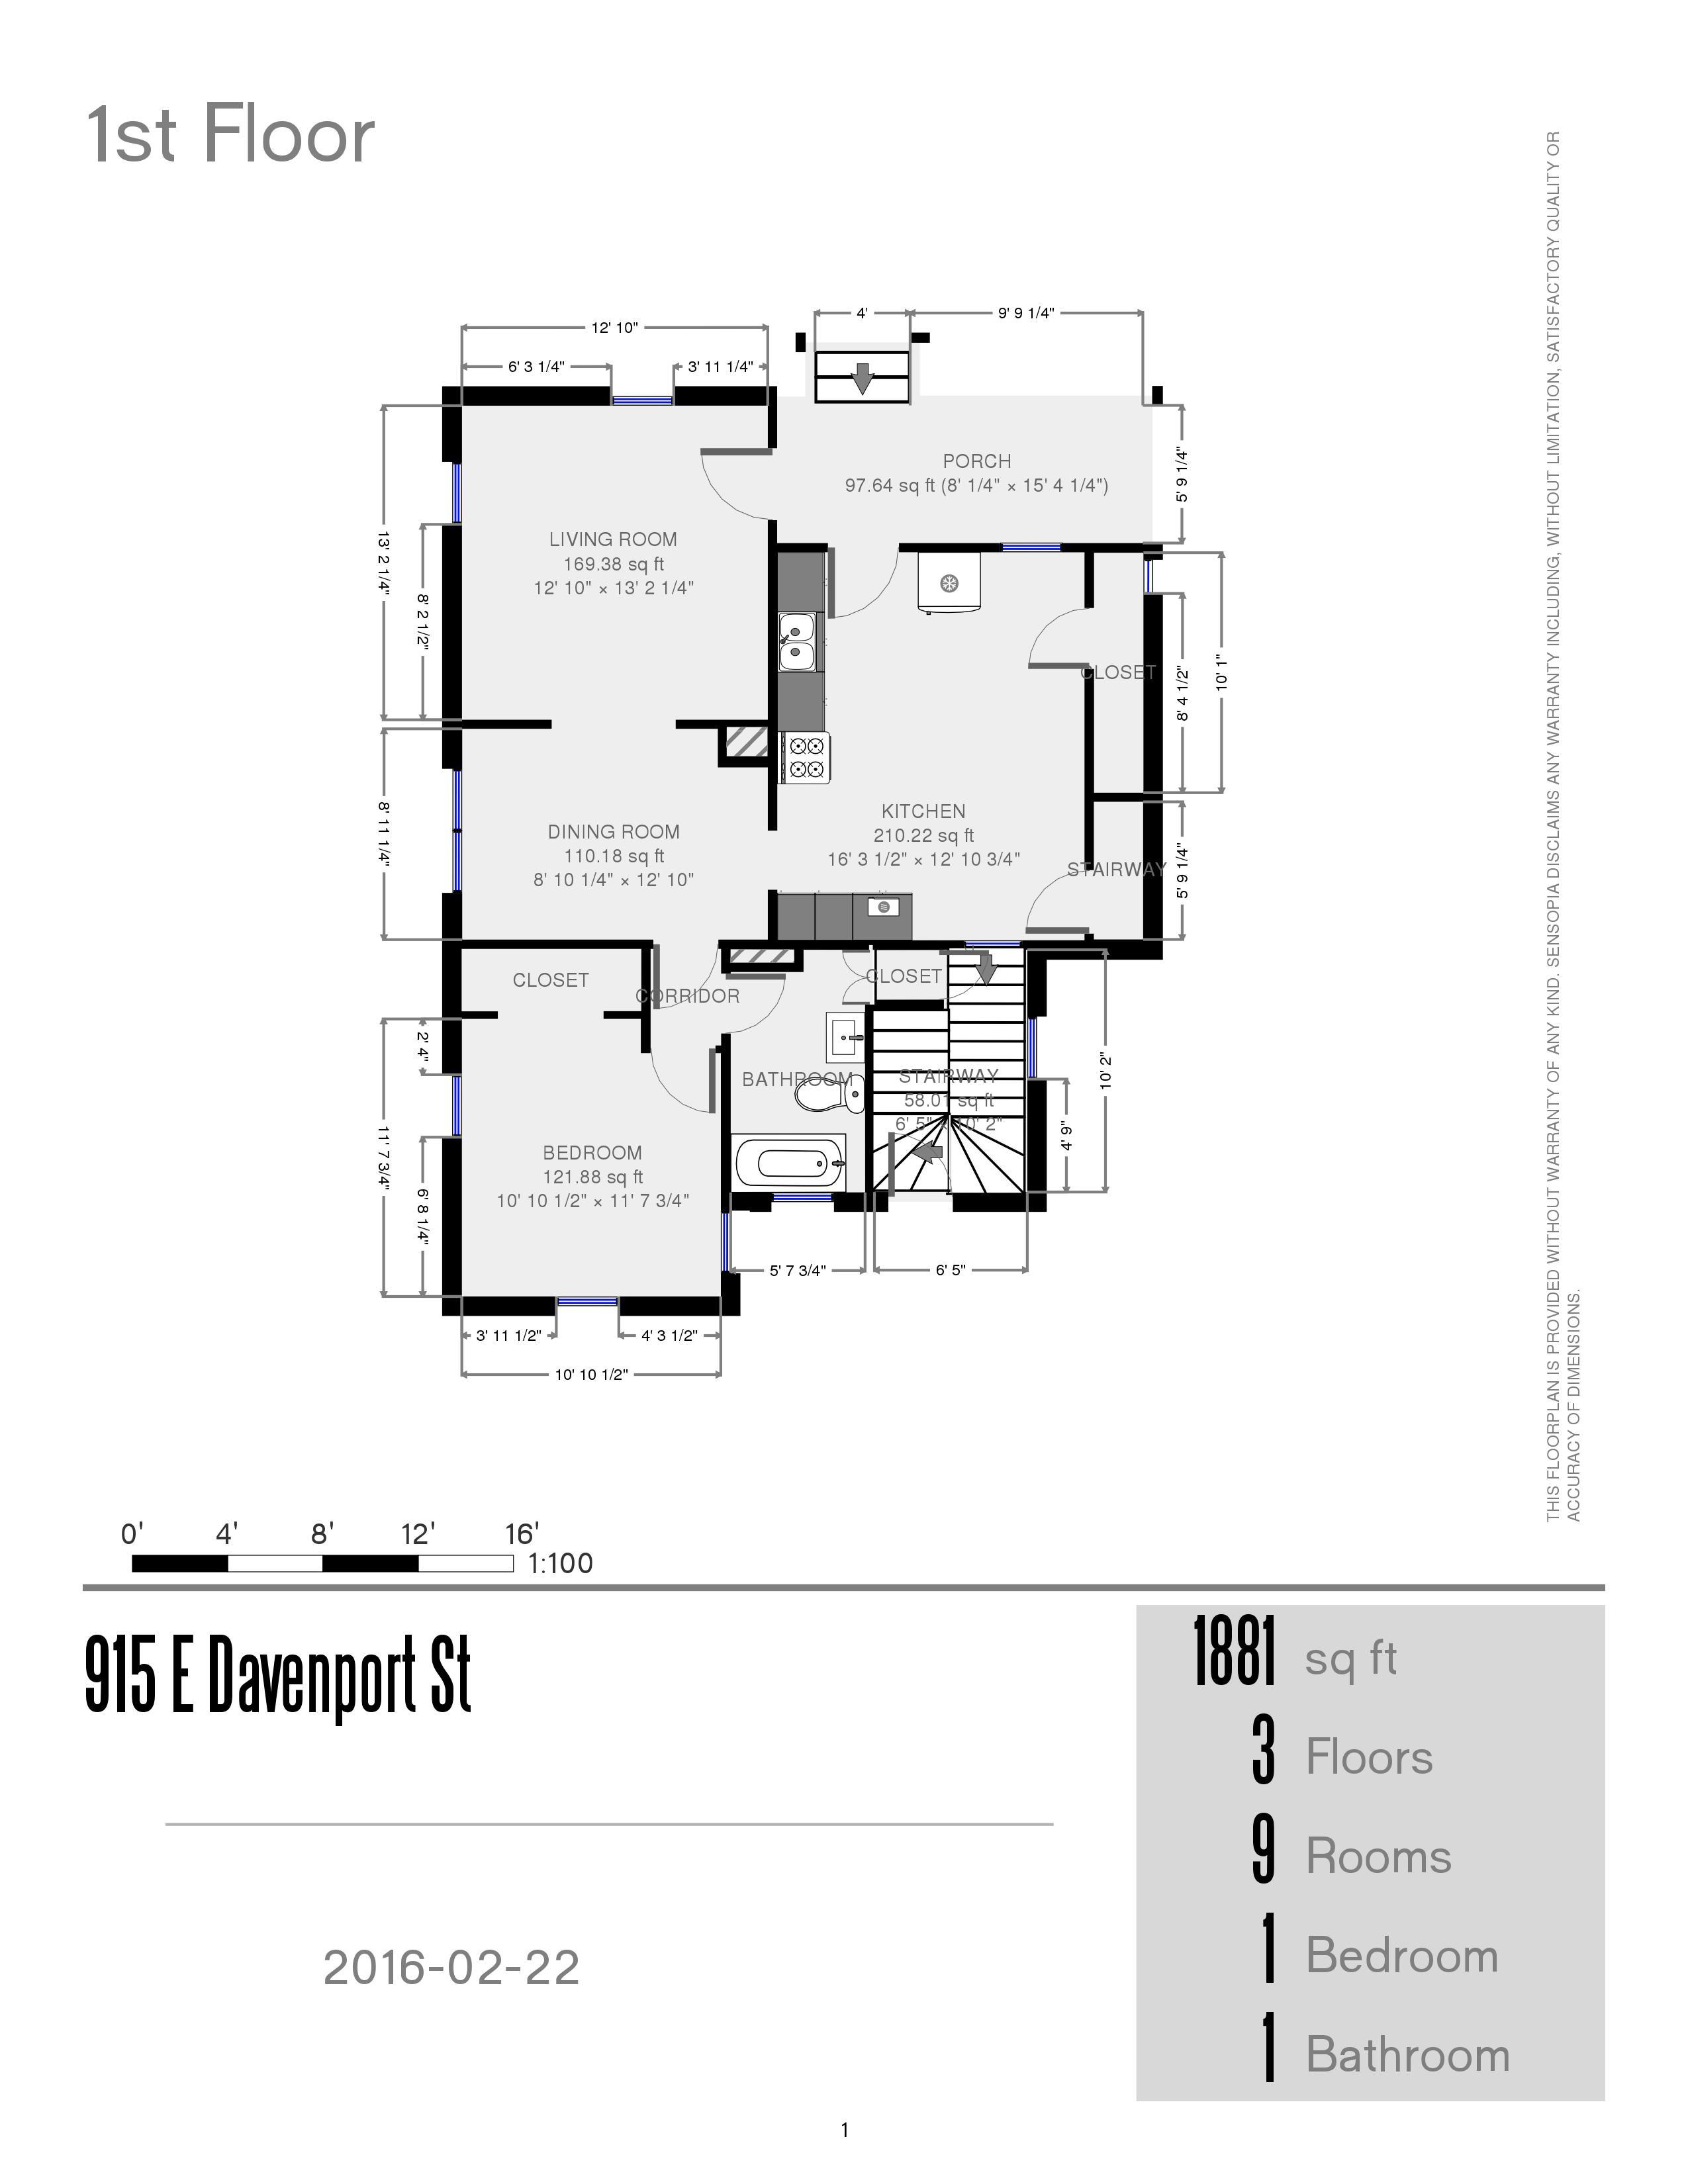 Prestige properties llc 915 e davenport house 2br 1ba for Main street homes floor plans